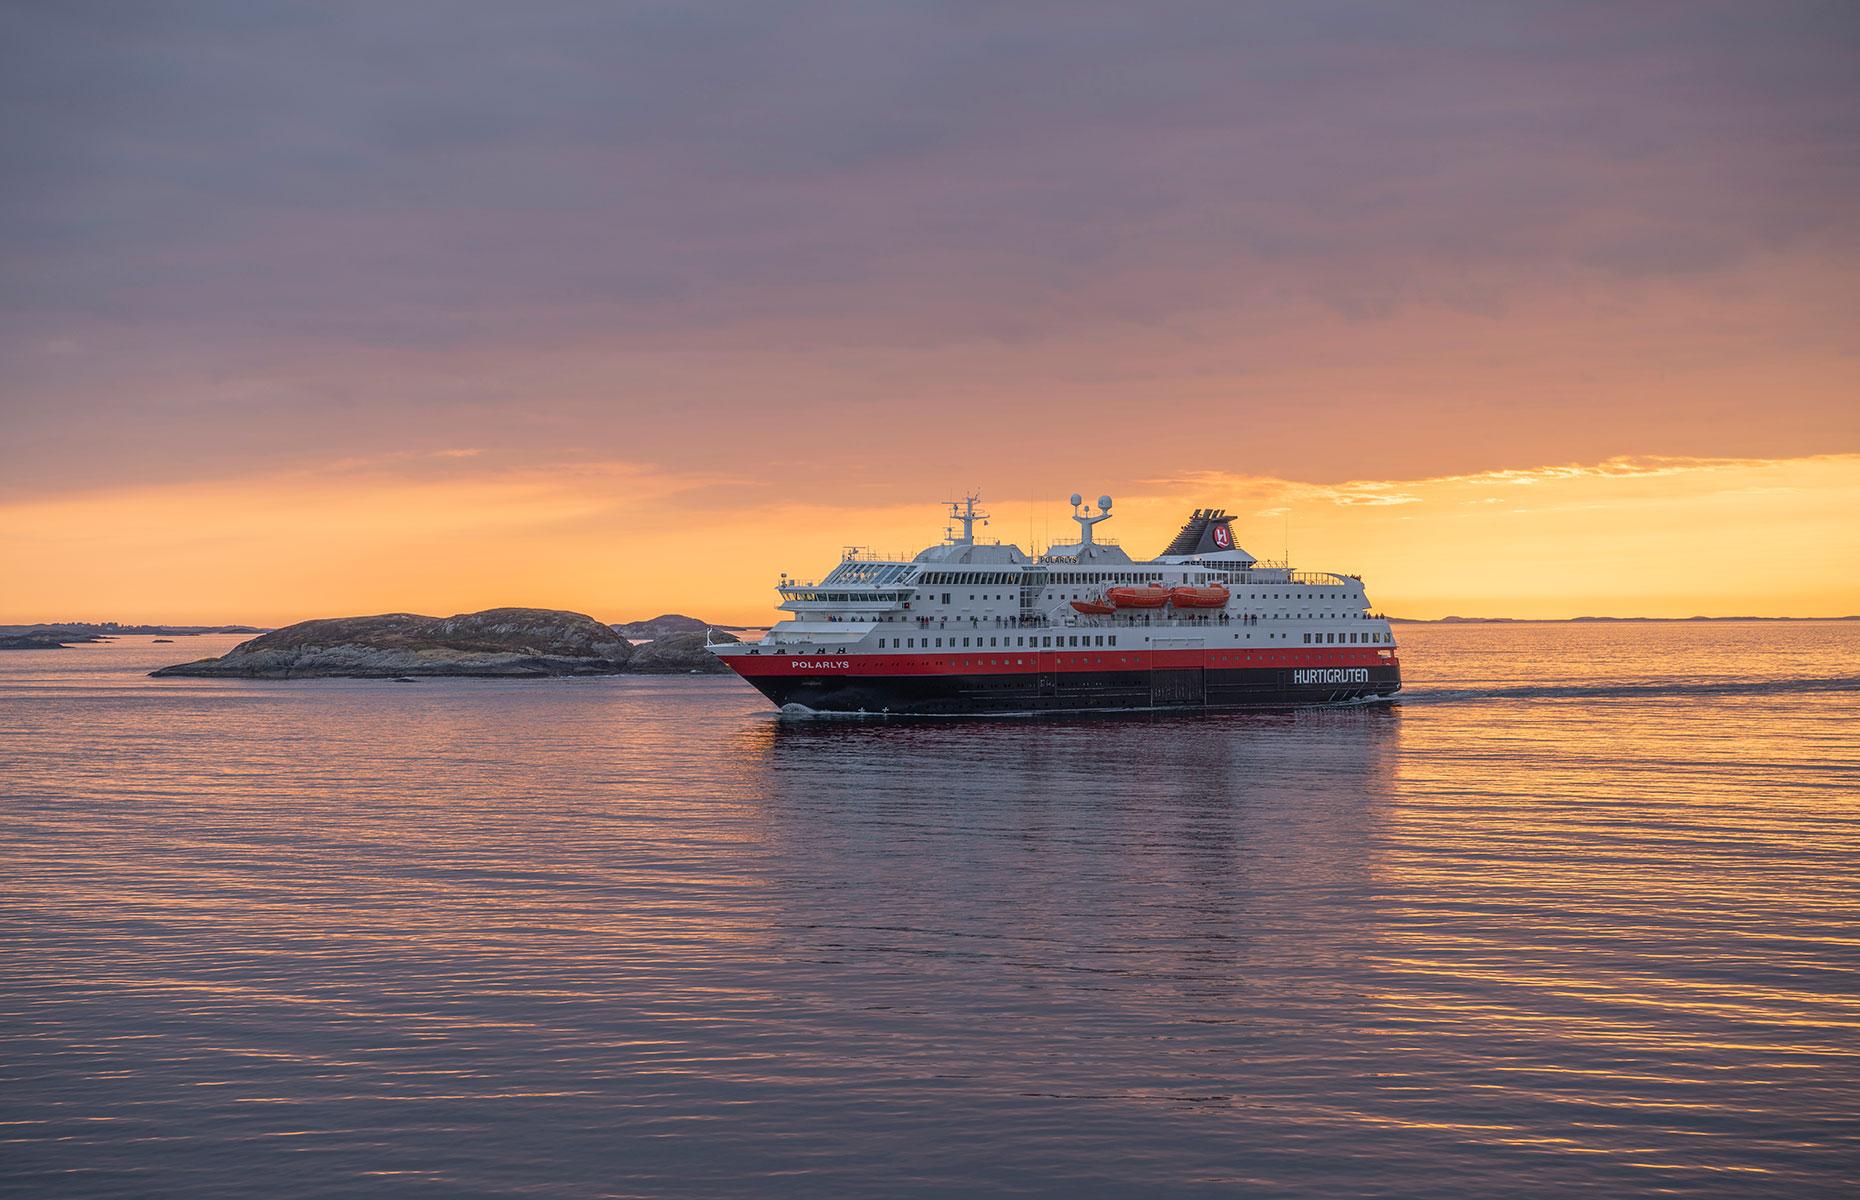 Hutigruten ship, Alesund (Image: Ro_Ma_Li/Shutterstock)